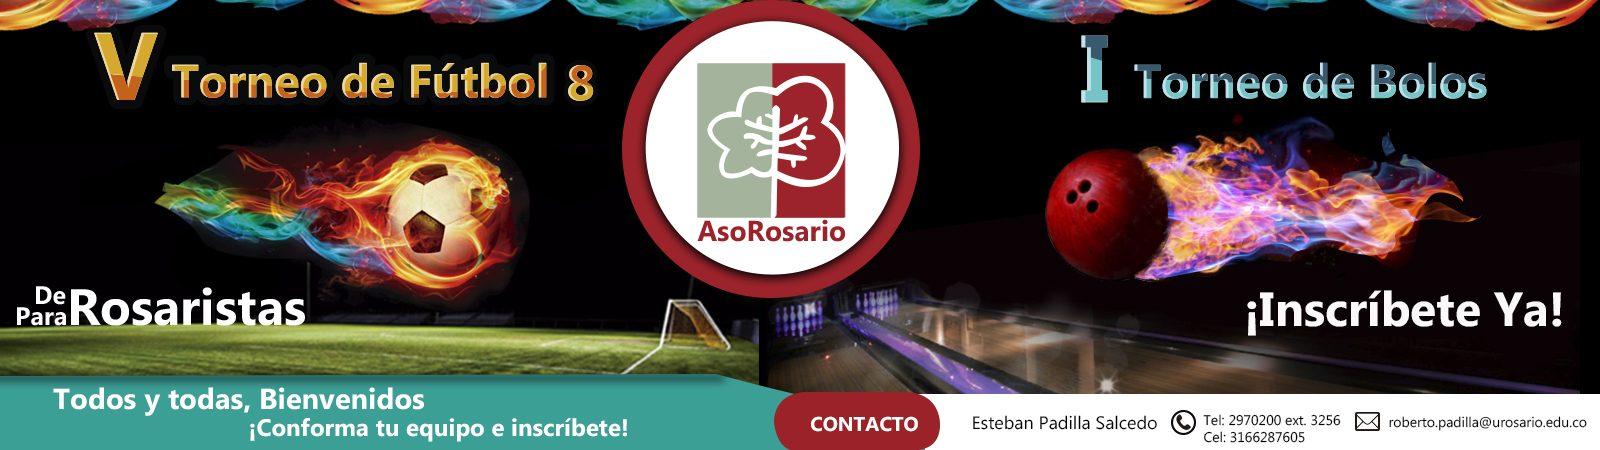 Torneo de Futbol 8 y Bolos AsoRosario